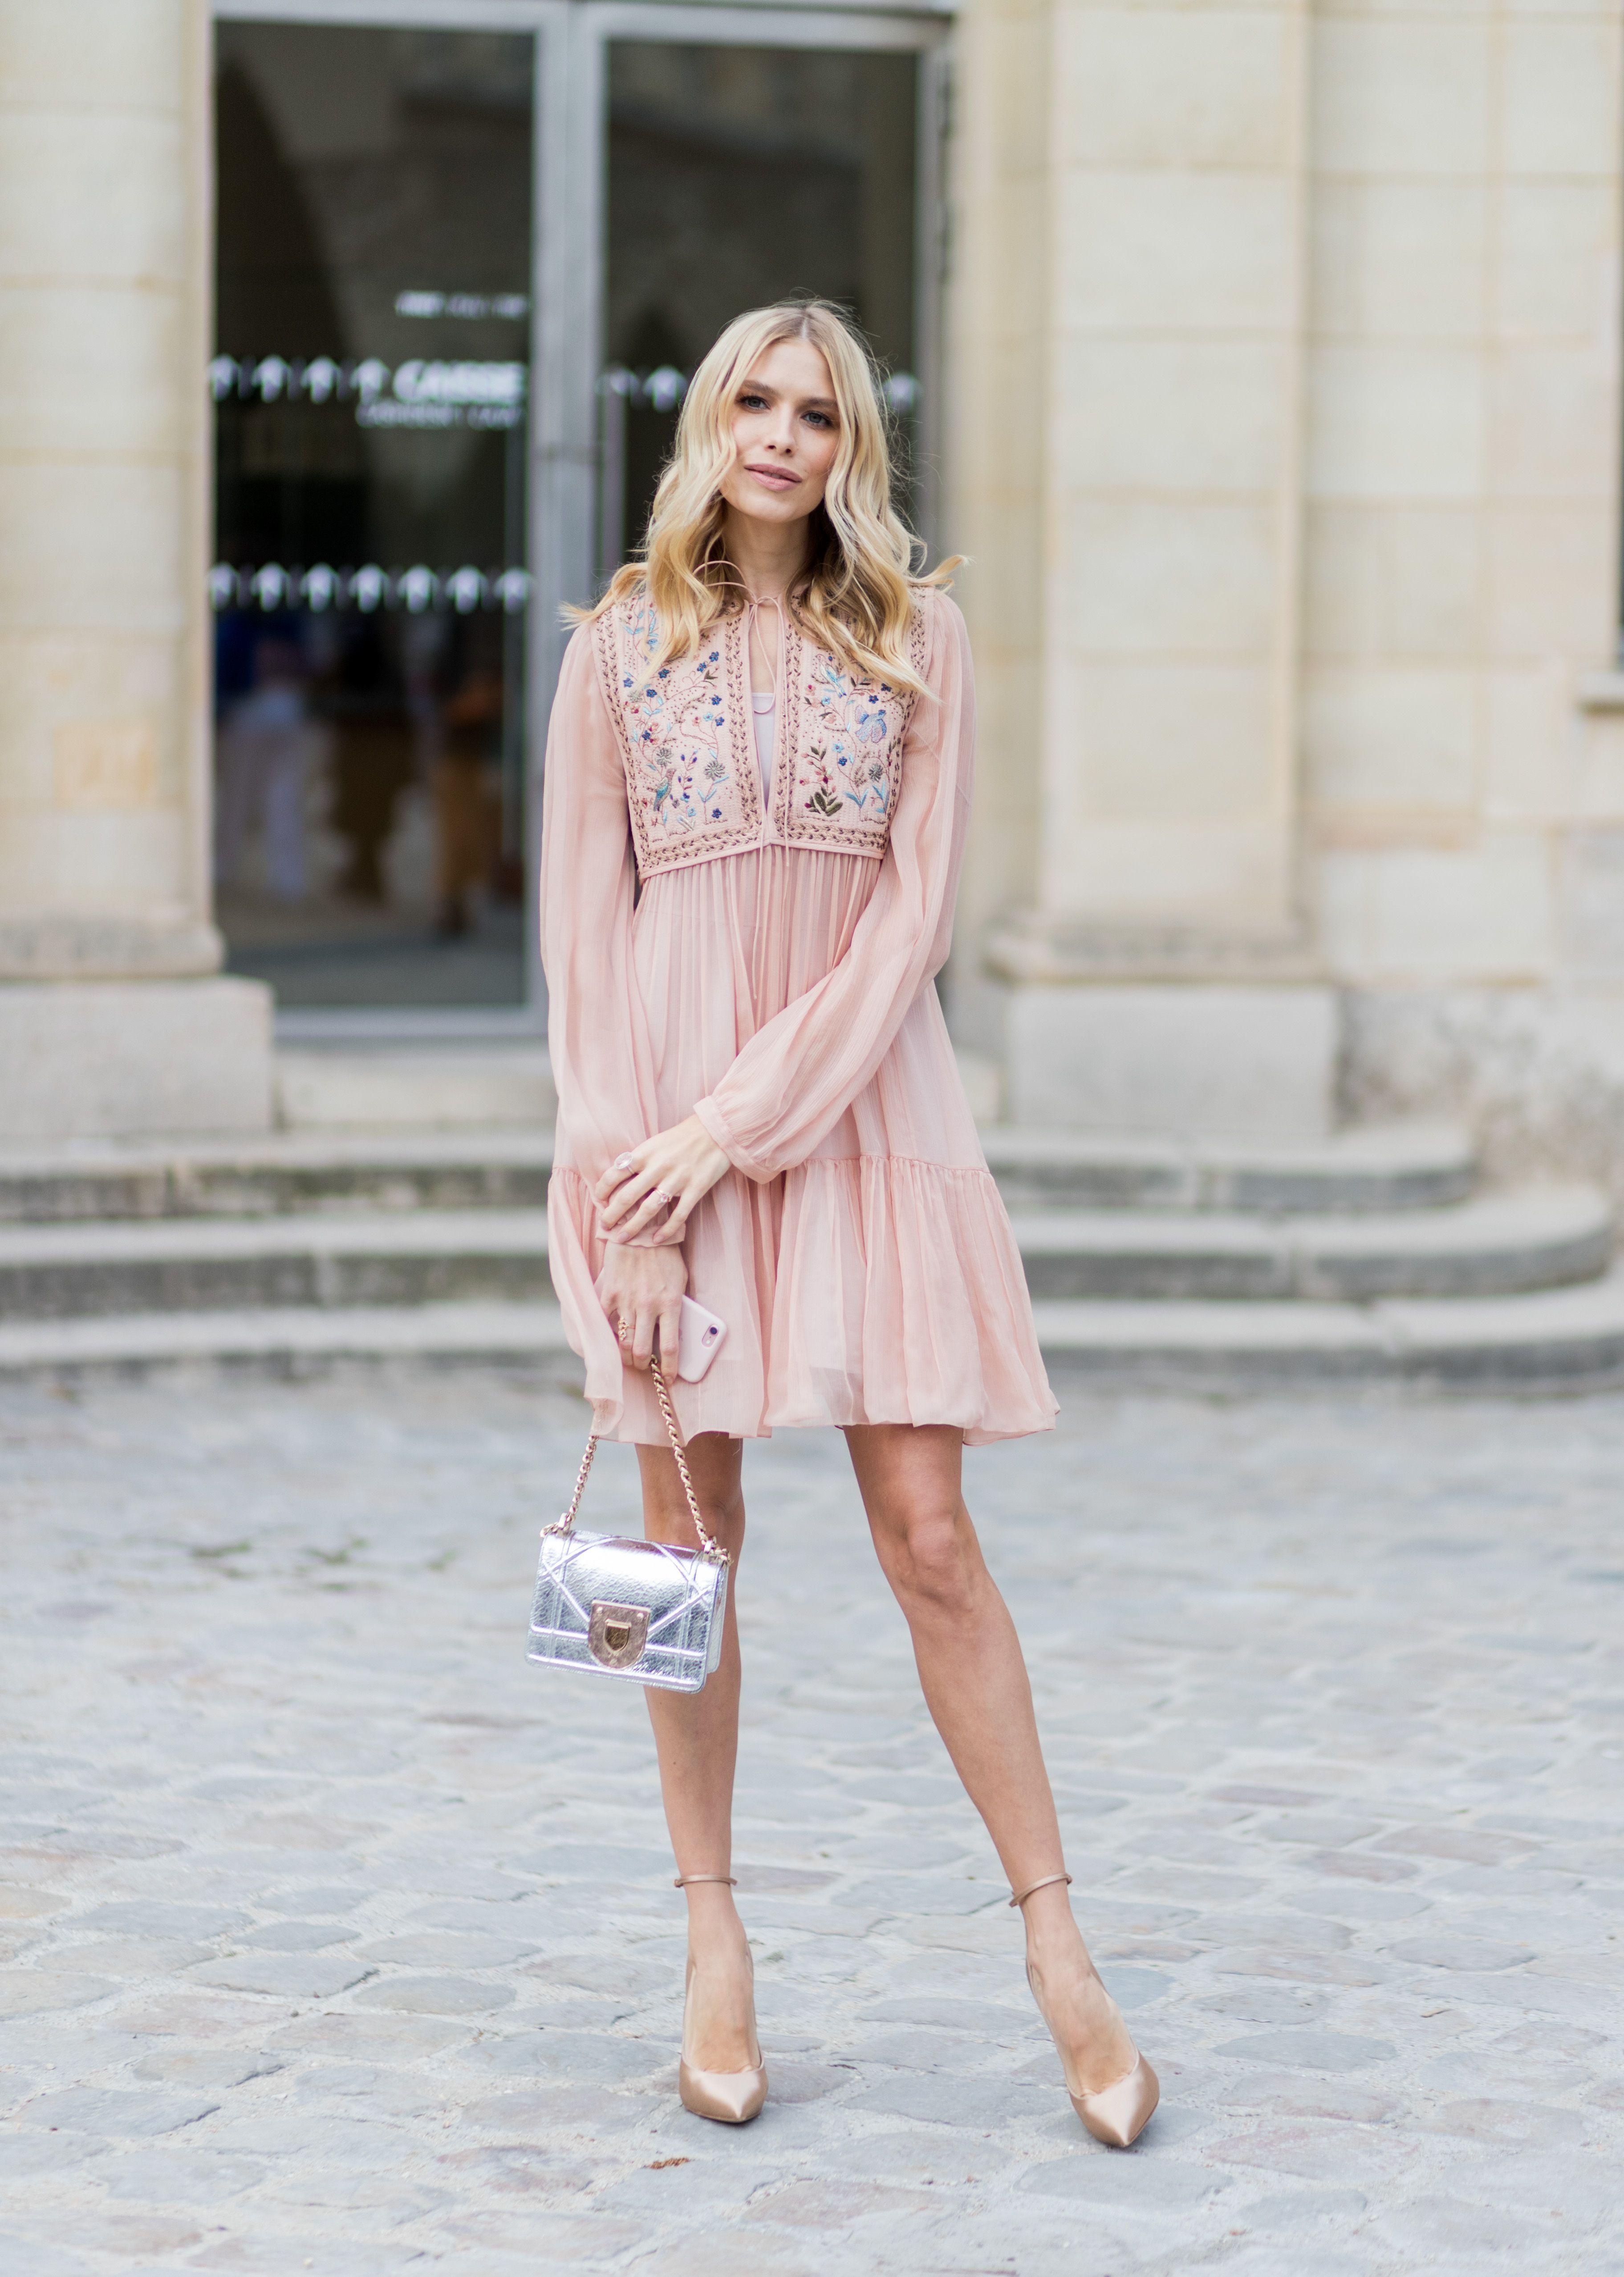 優雅, 洋裝,粉色系, 街拍, 婚禮, 穿搭, 粉紅色, 小禮服,